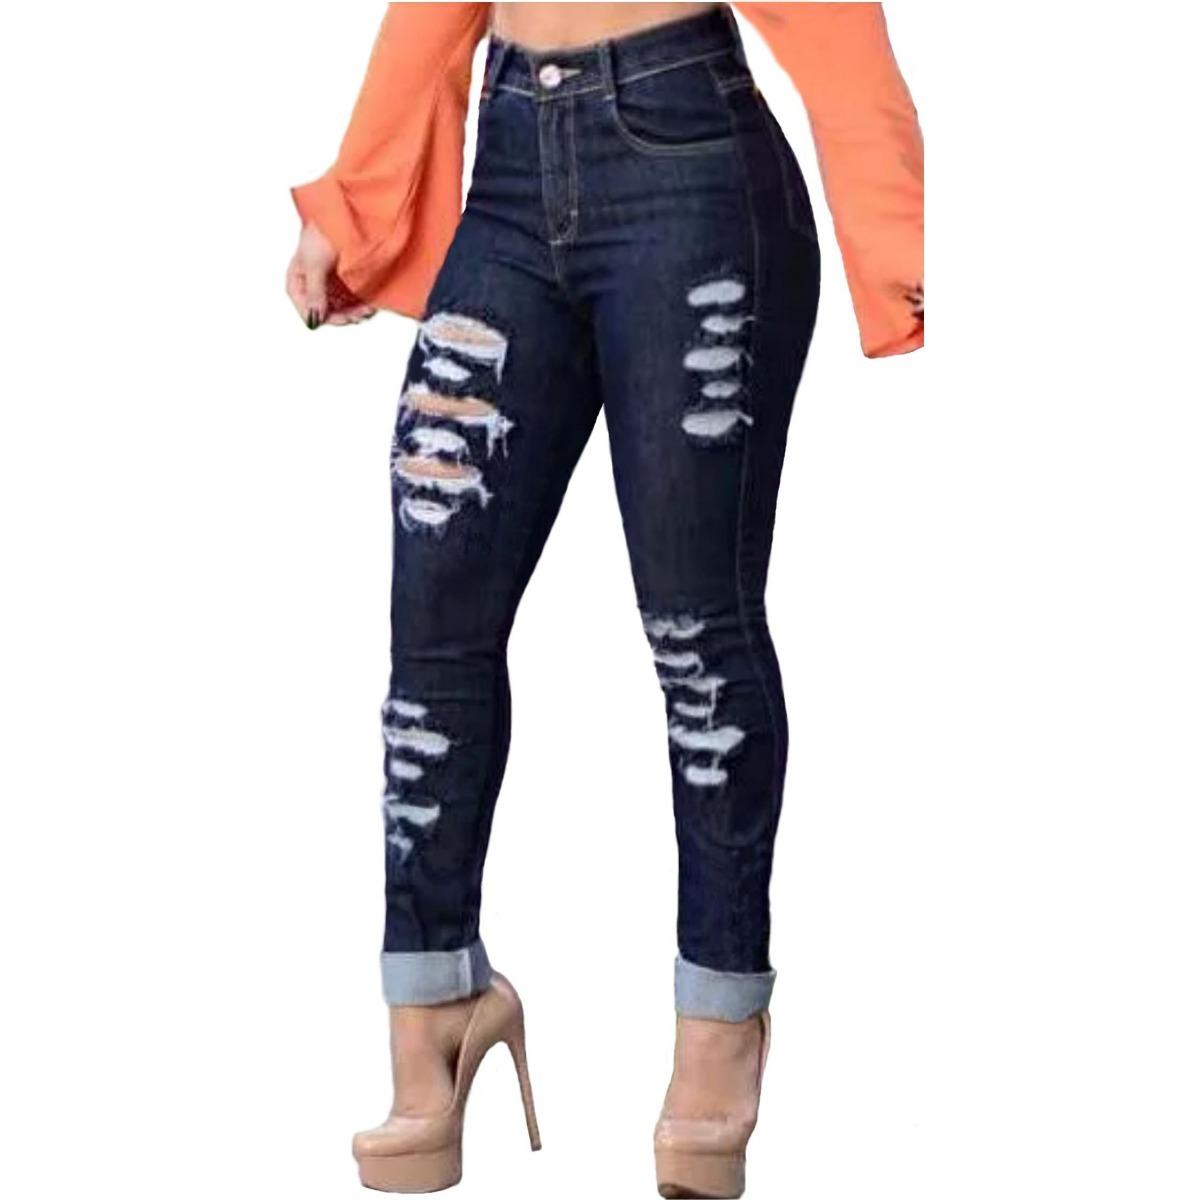 232b472f0 roupas feminina calça jeans rasgada strech cintura alta dins. Carregando  zoom.